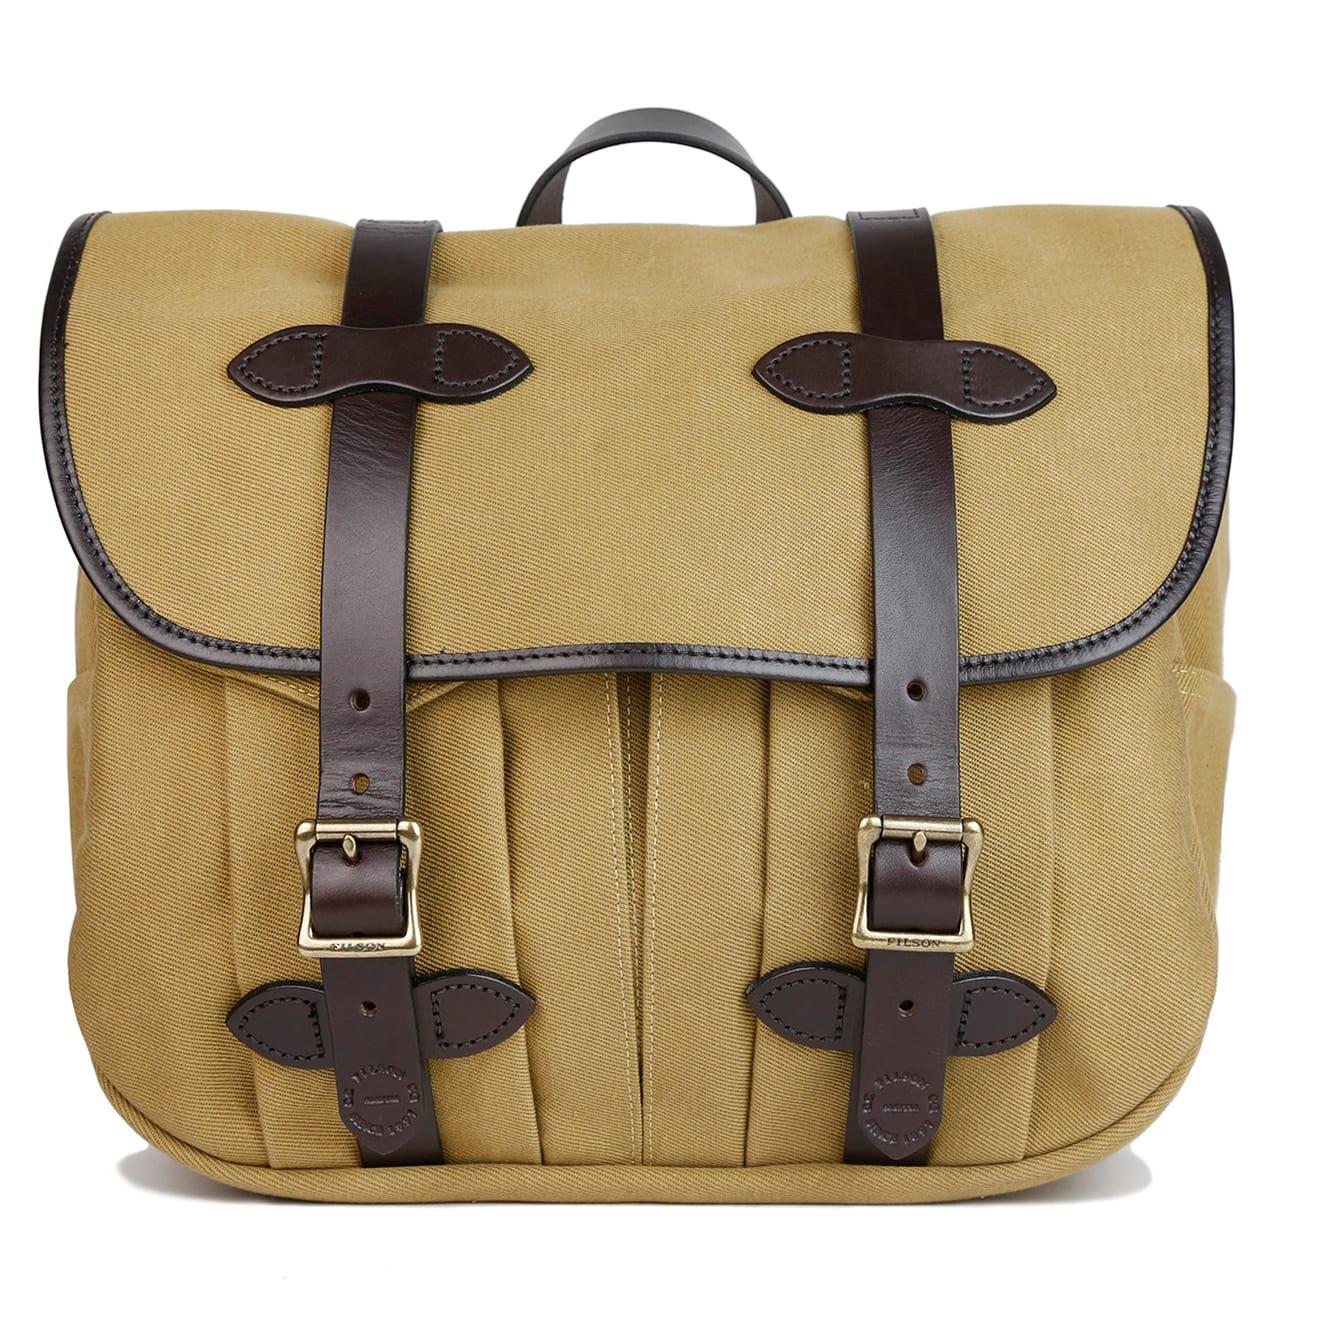 Filson Field Bag Medium Tan